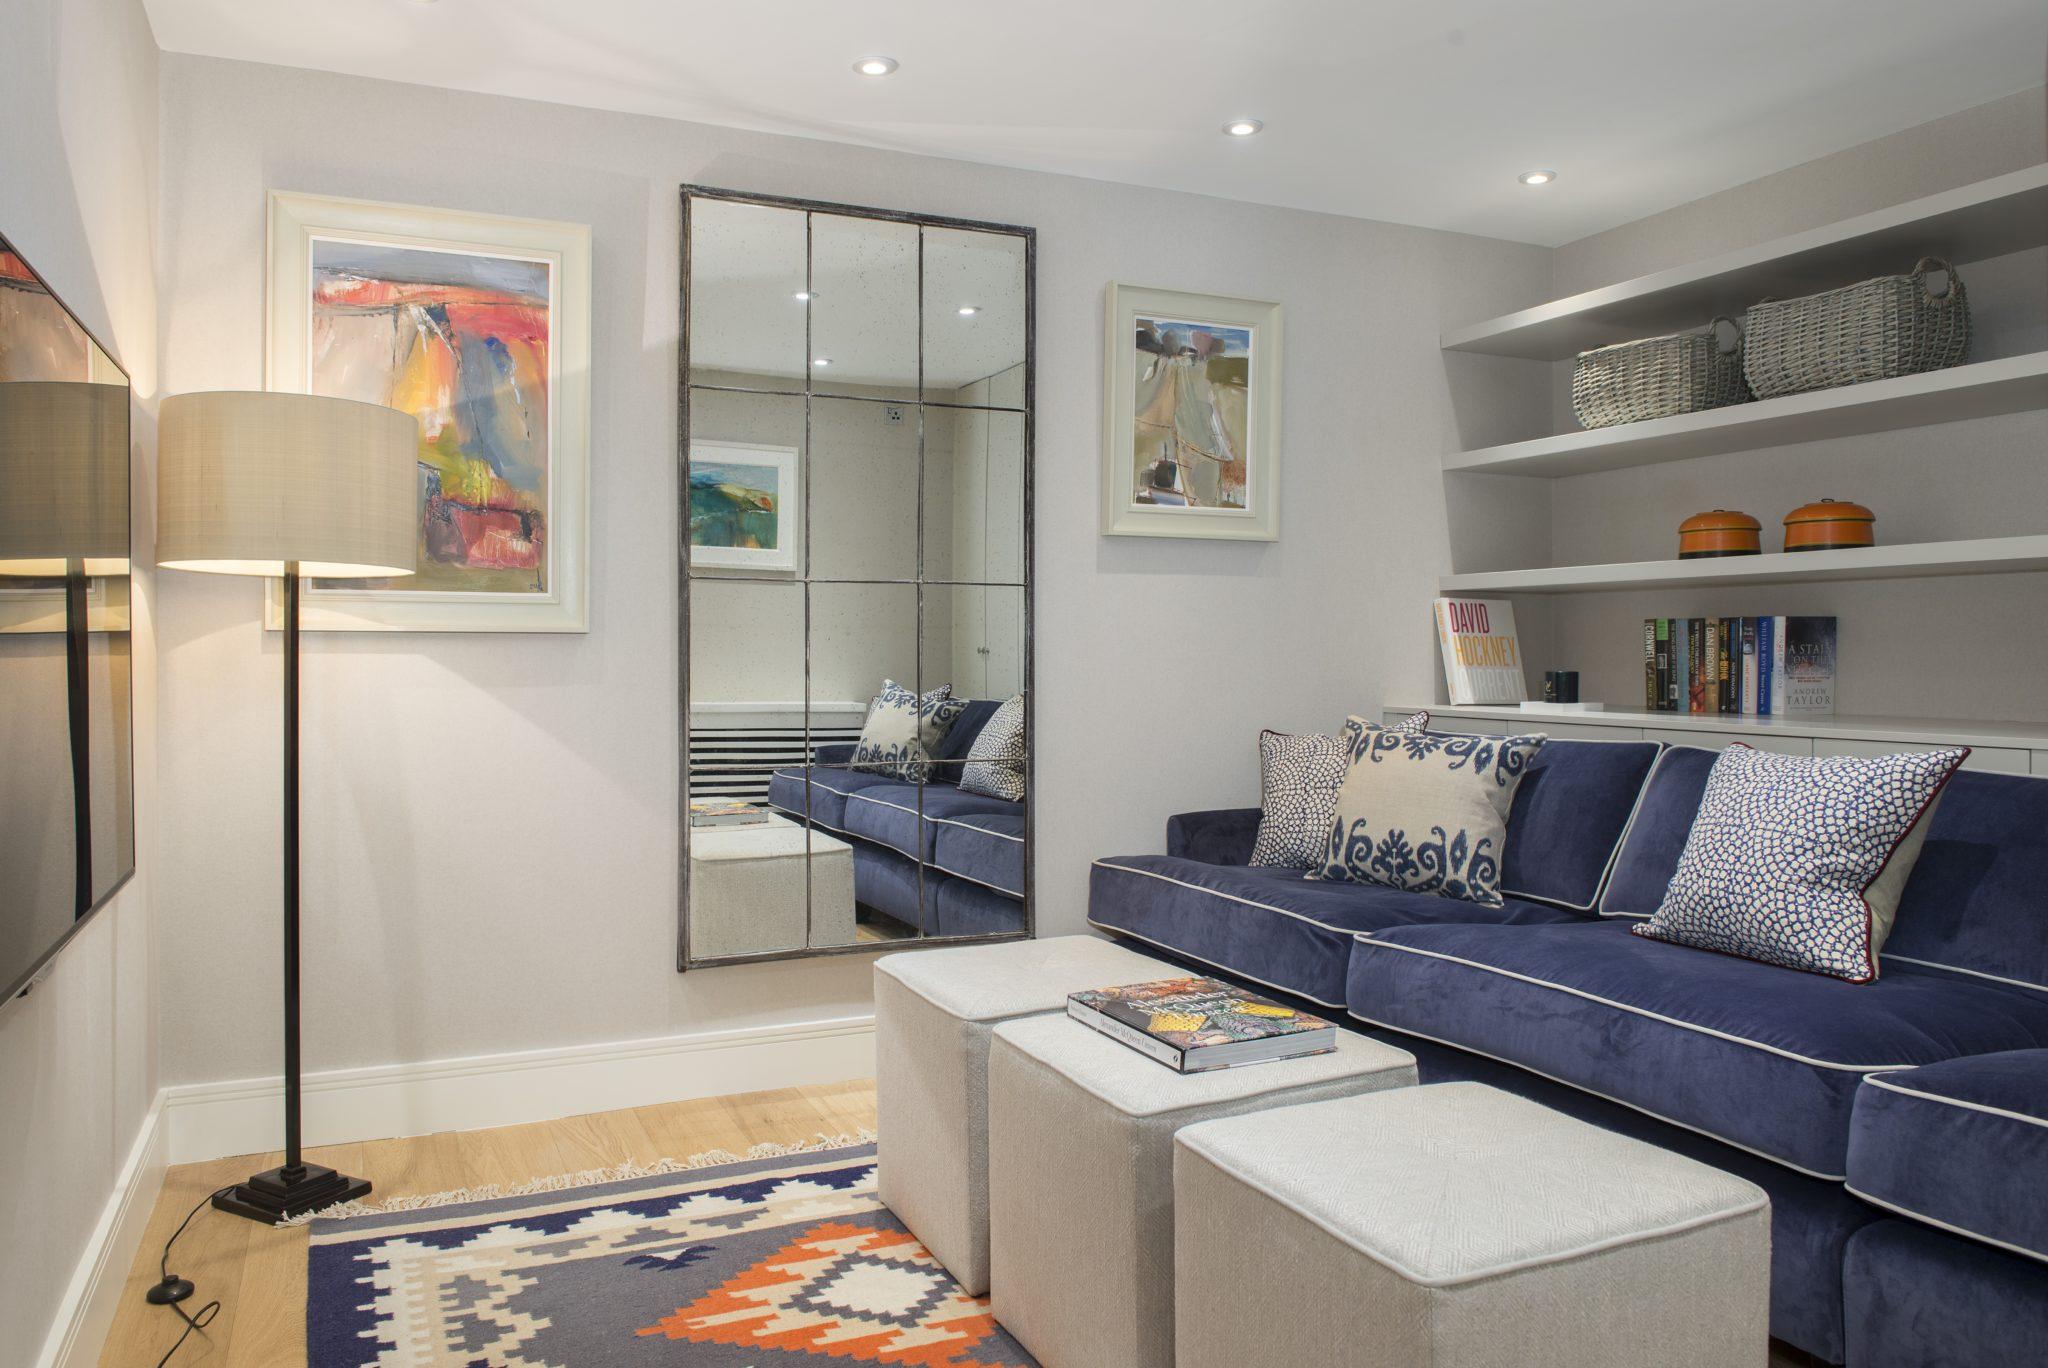 Knightsbridge Mews House by Kelling Designs